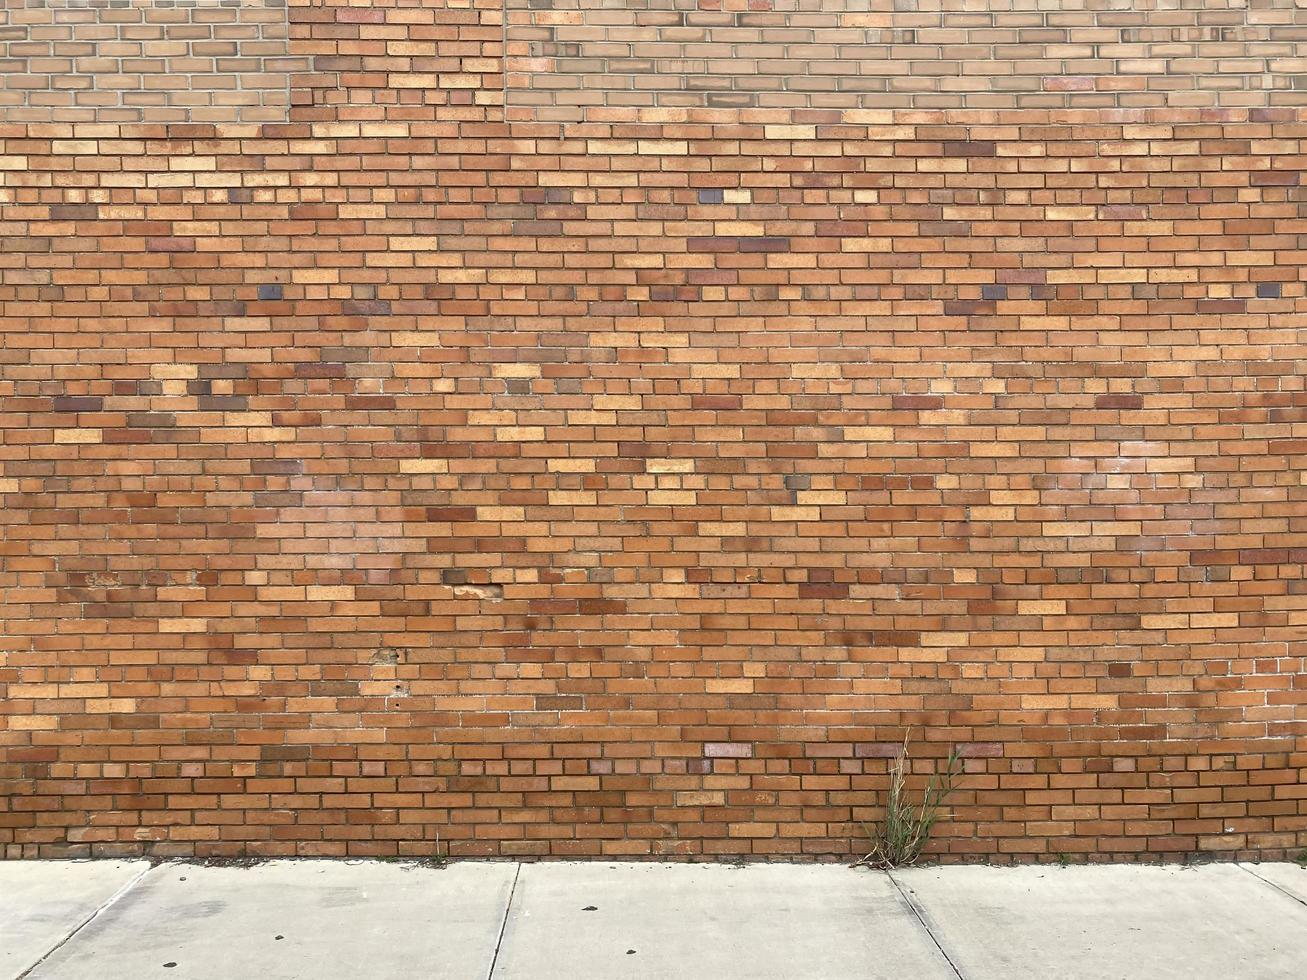 gele bakstenen muur met oude bakstenen foto